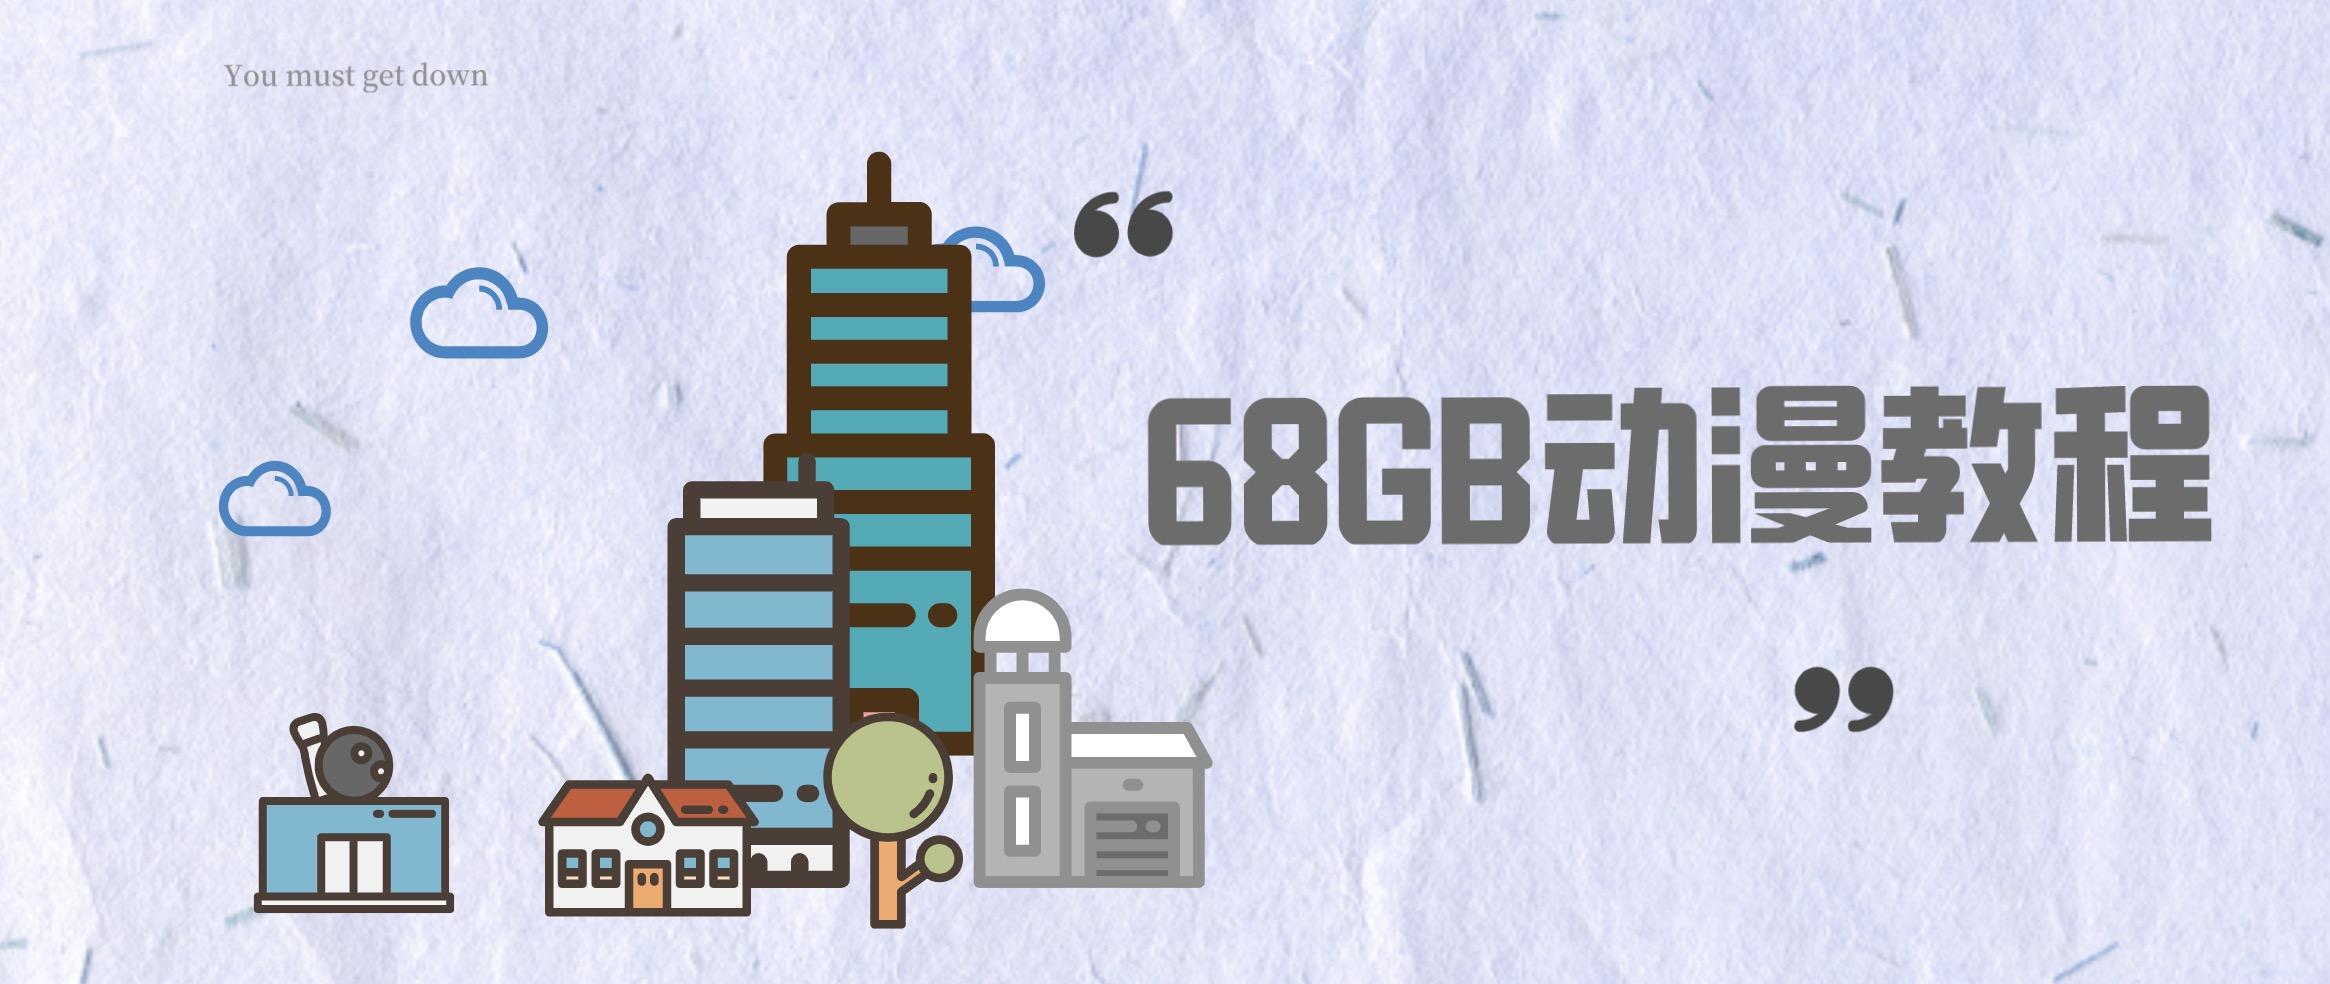 动漫教程合集资源包(68GB) 百度网盘